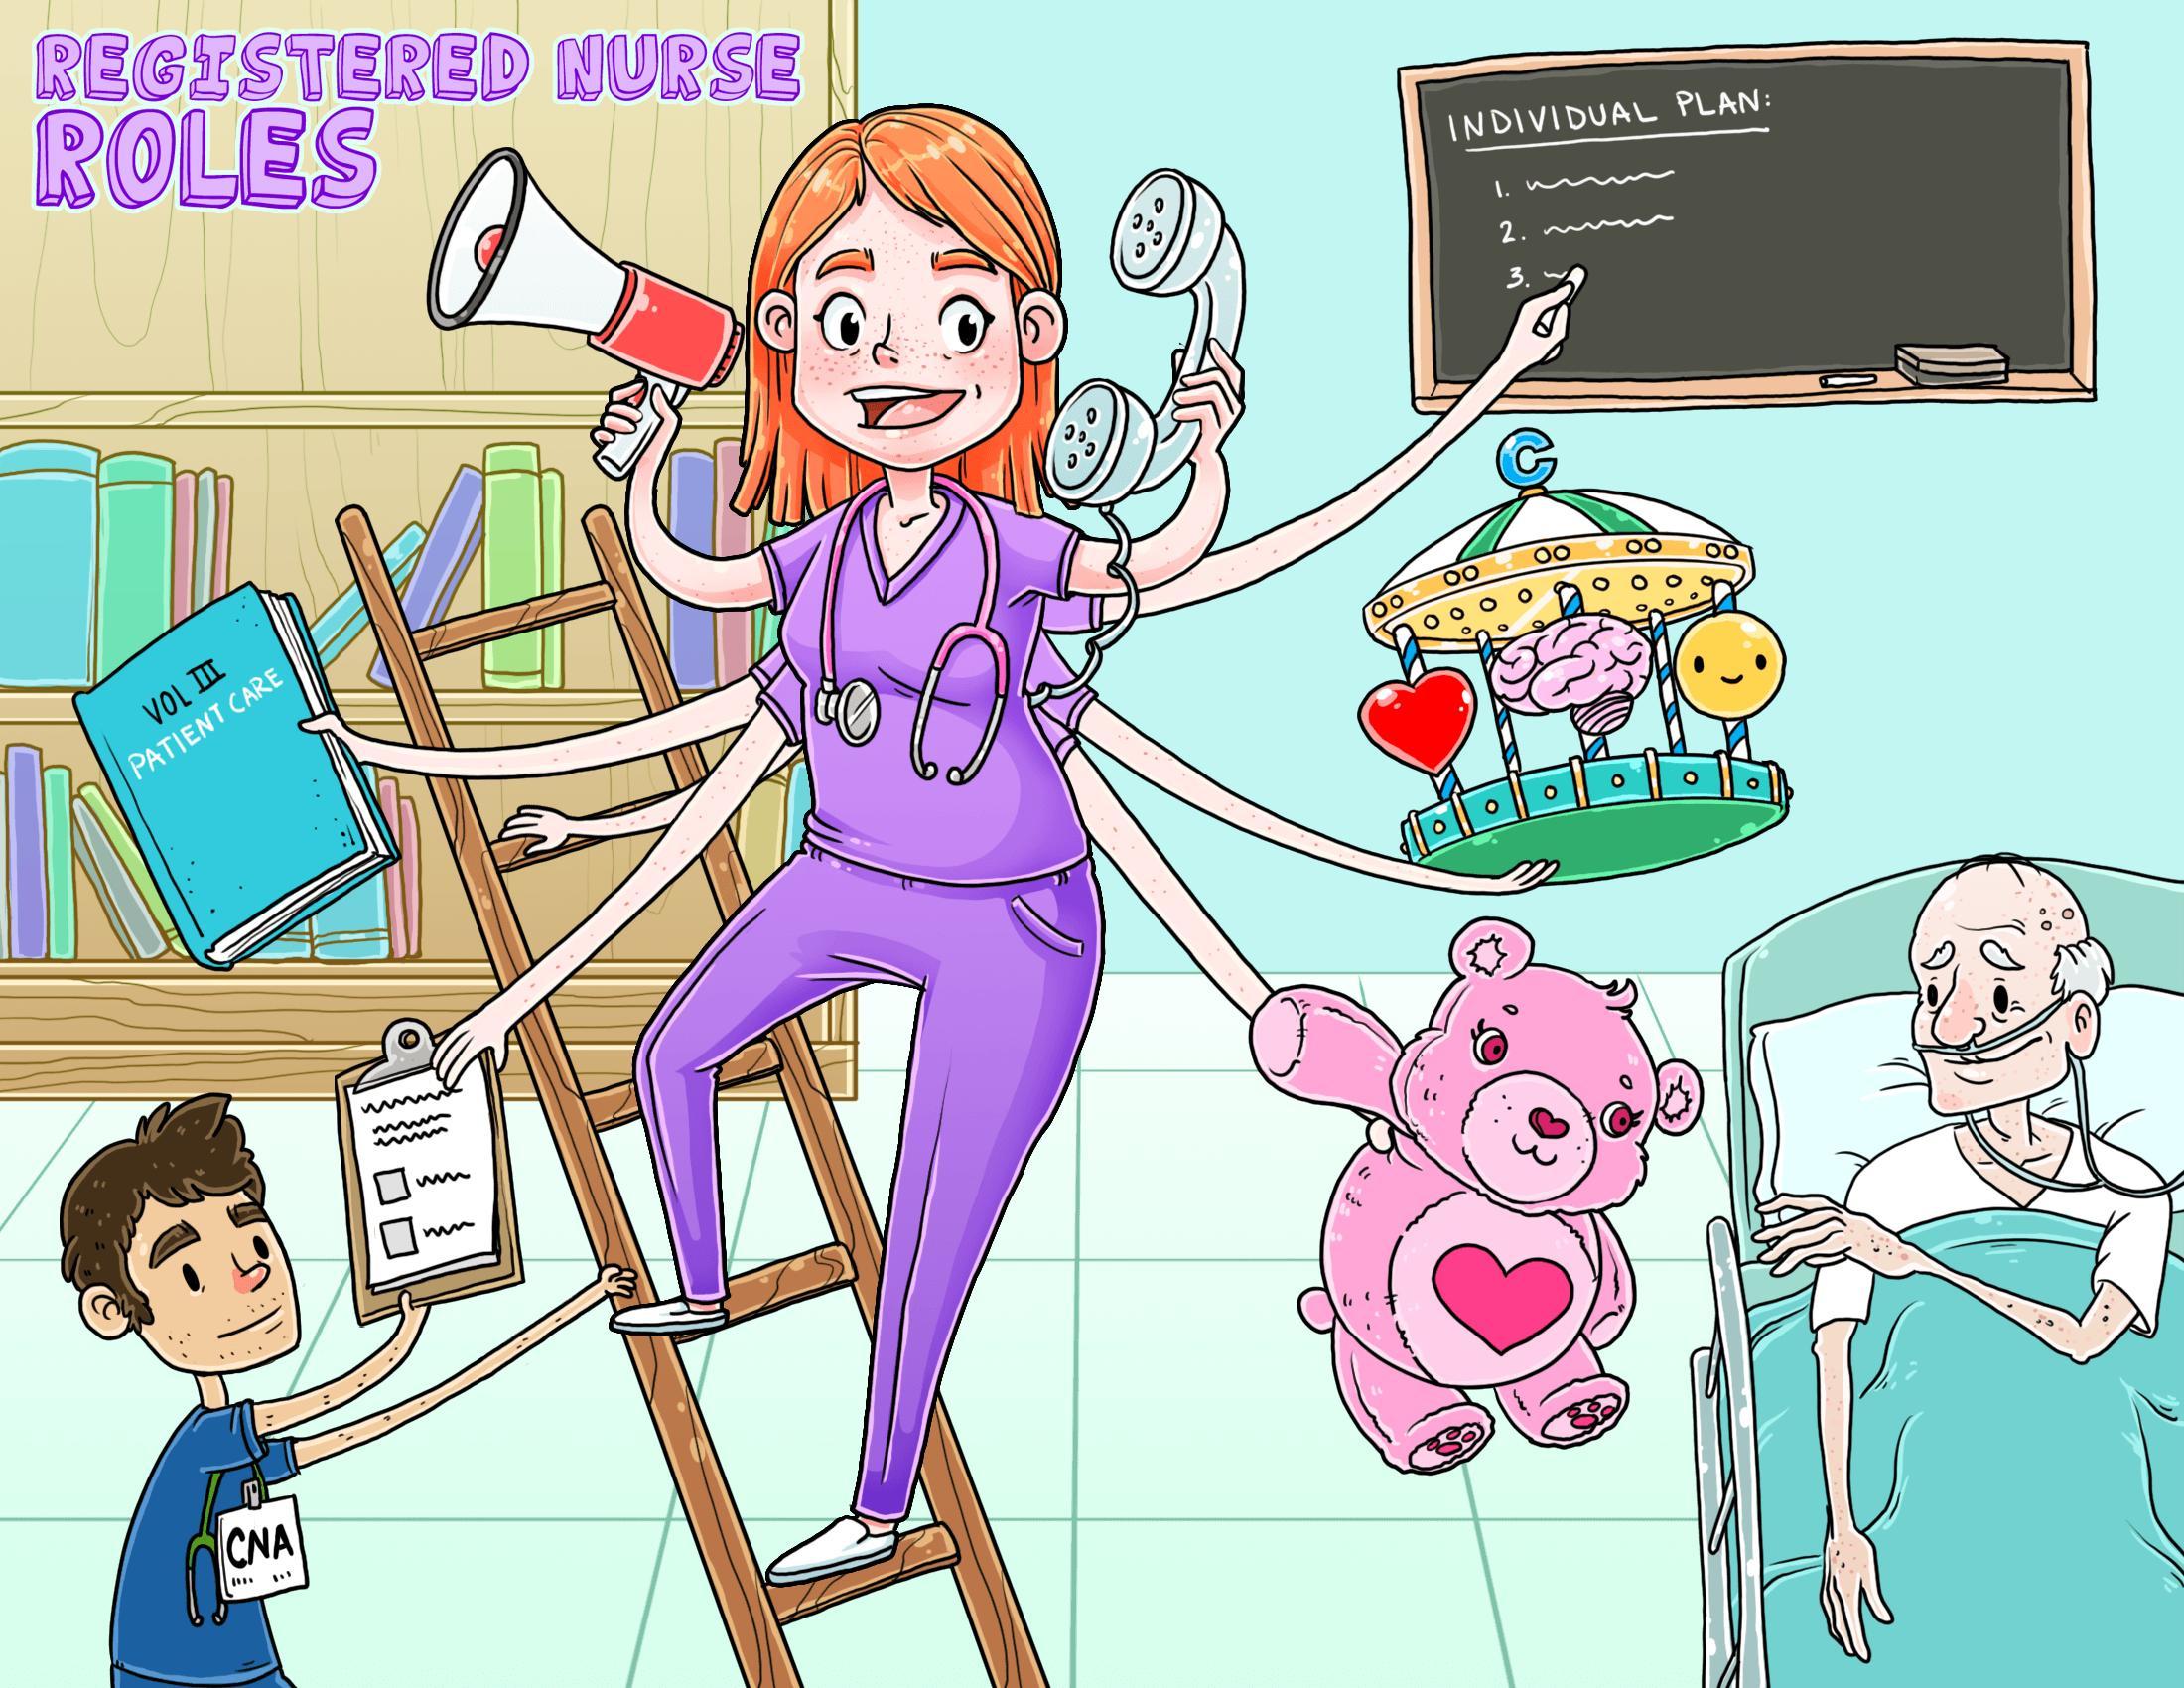 Registered Nurse Roles